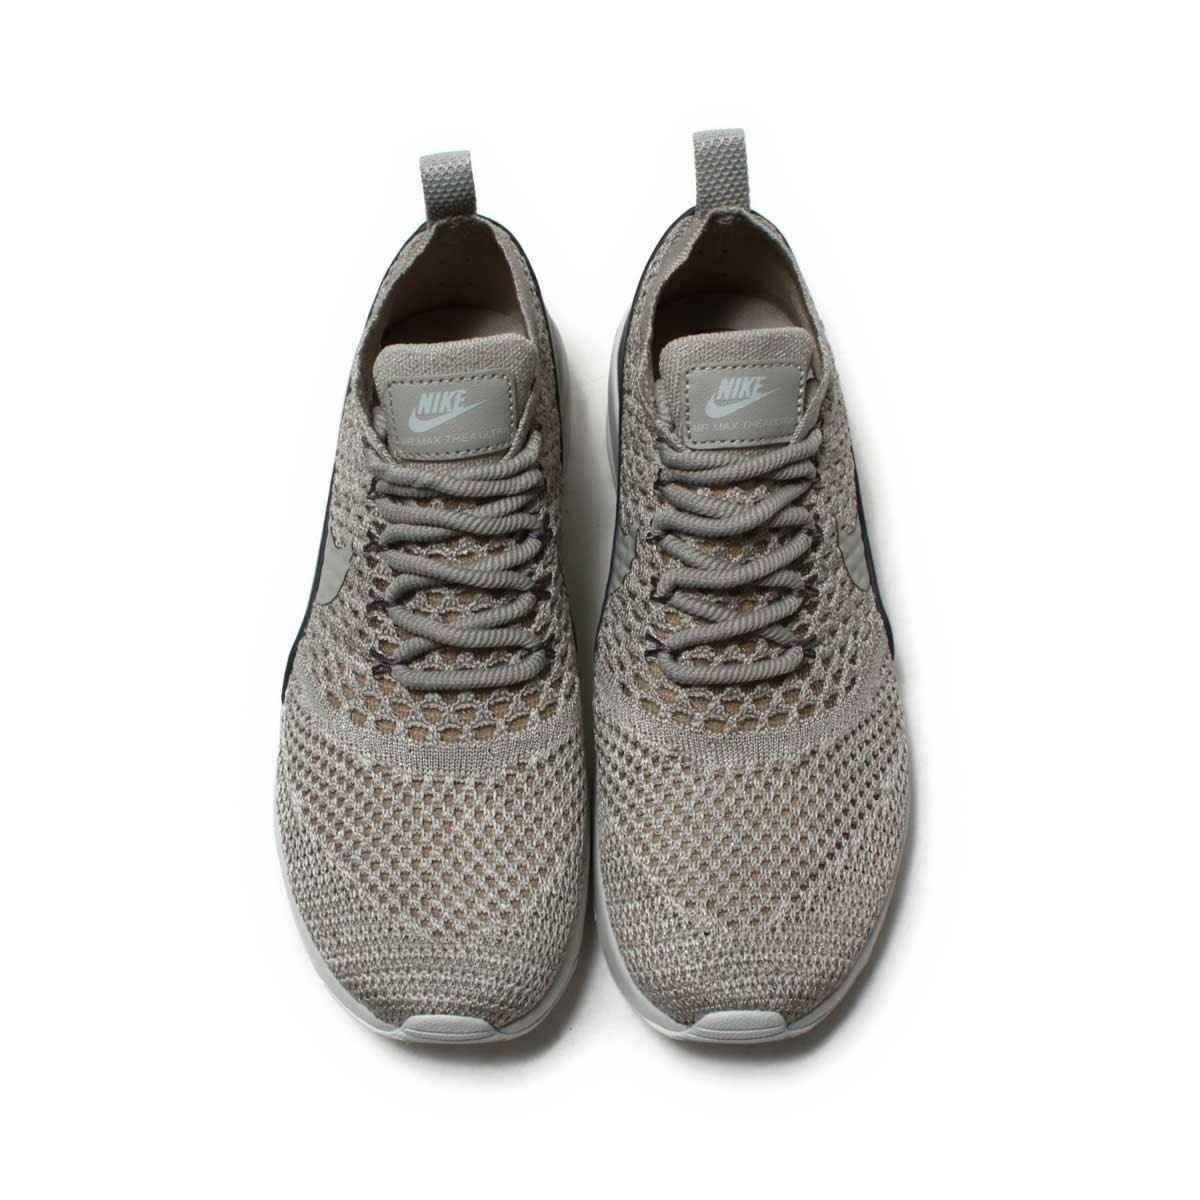 c6e55d17fe1 NIKE W AIR MAX THEA ULTRA FK (Nike women Air Max Shea ultra FK) PALE GREY PALE  GREY-DARK GREY 17HO-I